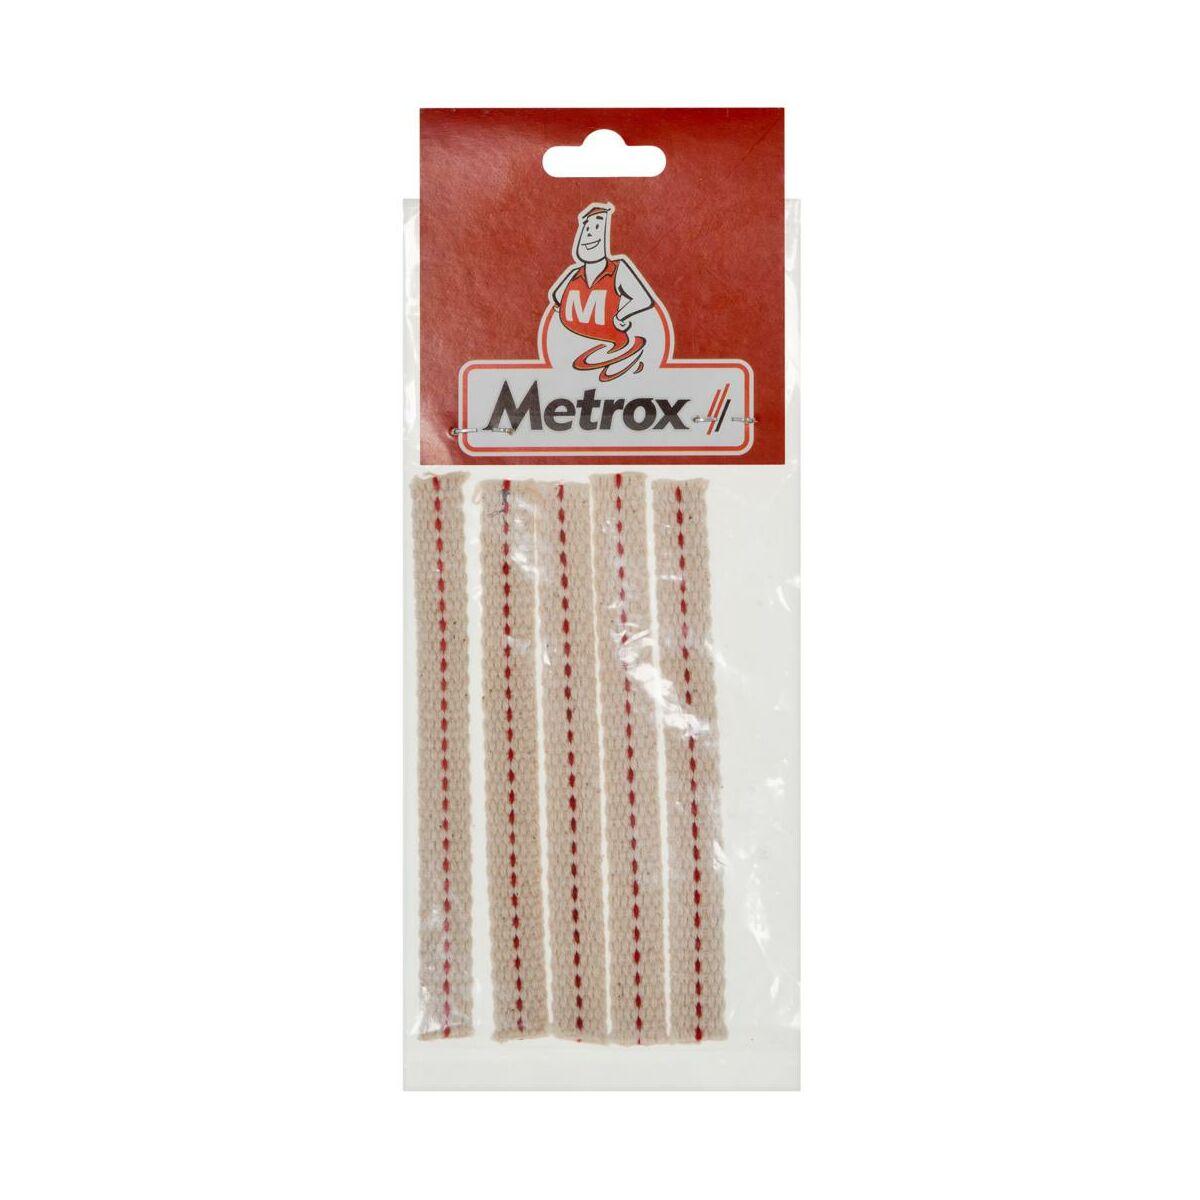 Knoty Do Lamp 5 Szt 1231 Metrox Pochodnie I Swiece W Atrakcyjnej Cenie W Sklepach Leroy Merlin